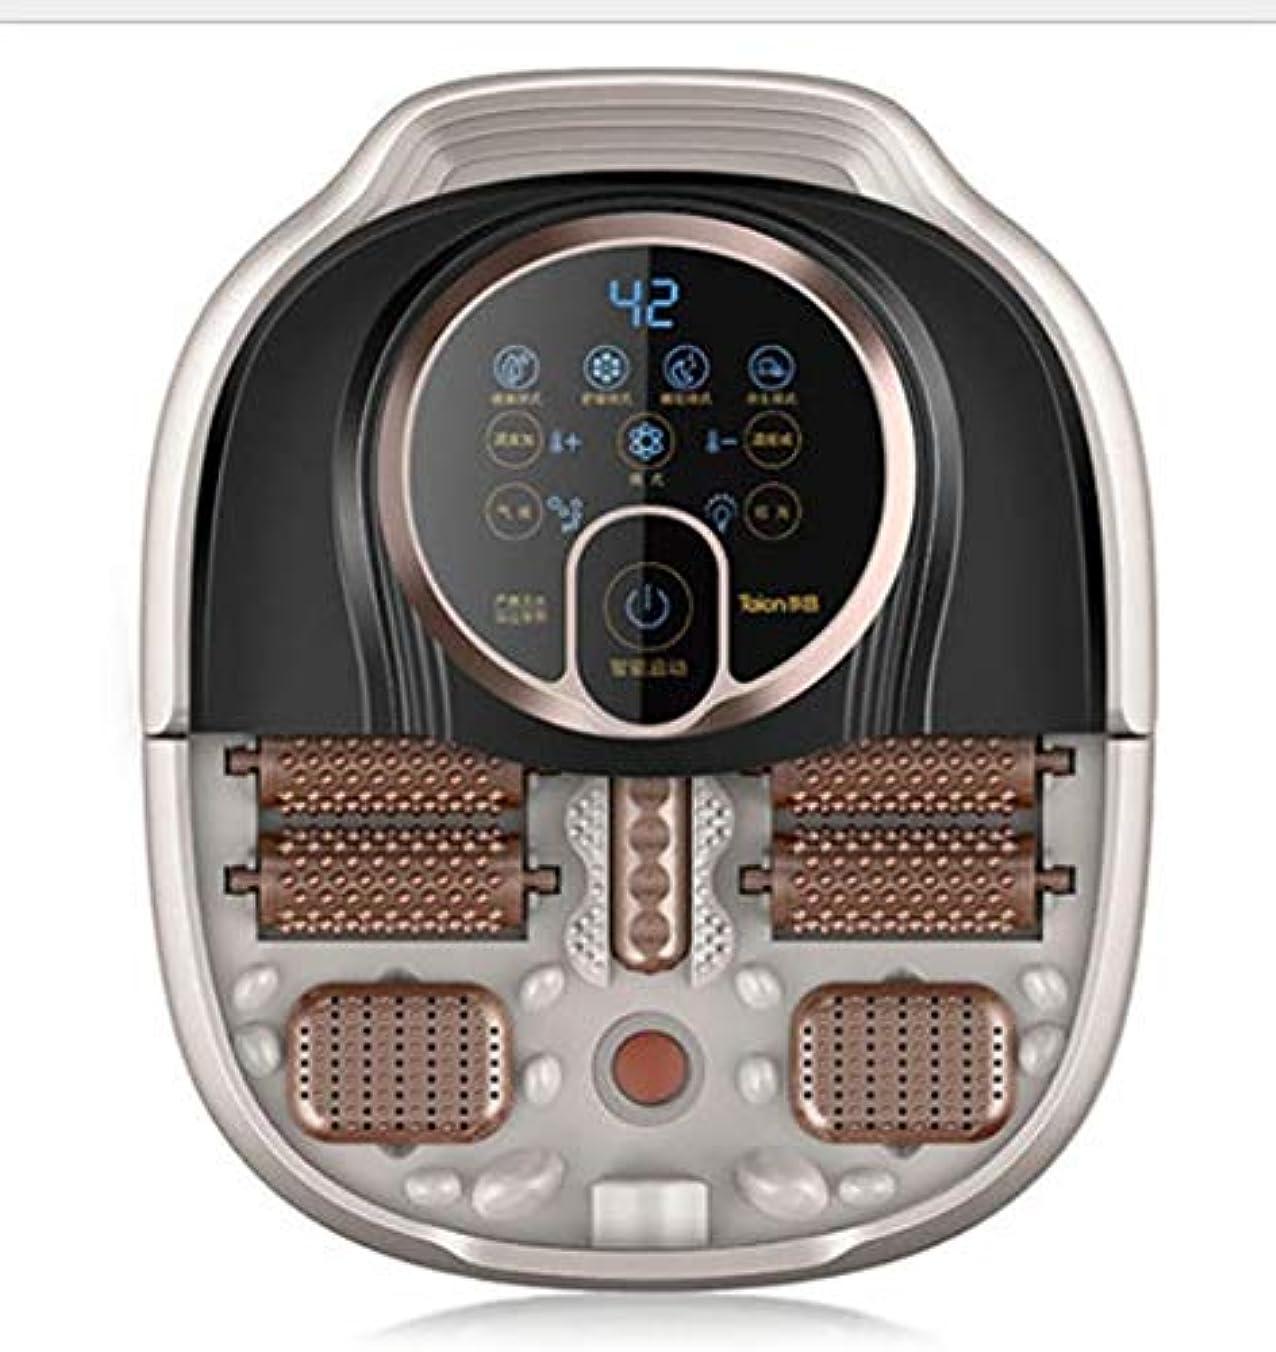 起点話空中電気フットマッサージャー、フットスパ/ペディキュアマッサージ機、自動回転ペディキュア/バブルスプレー磁気フットケア/足底筋膜炎/圧力/痛みを和らげ、血液循環を促進/睡眠